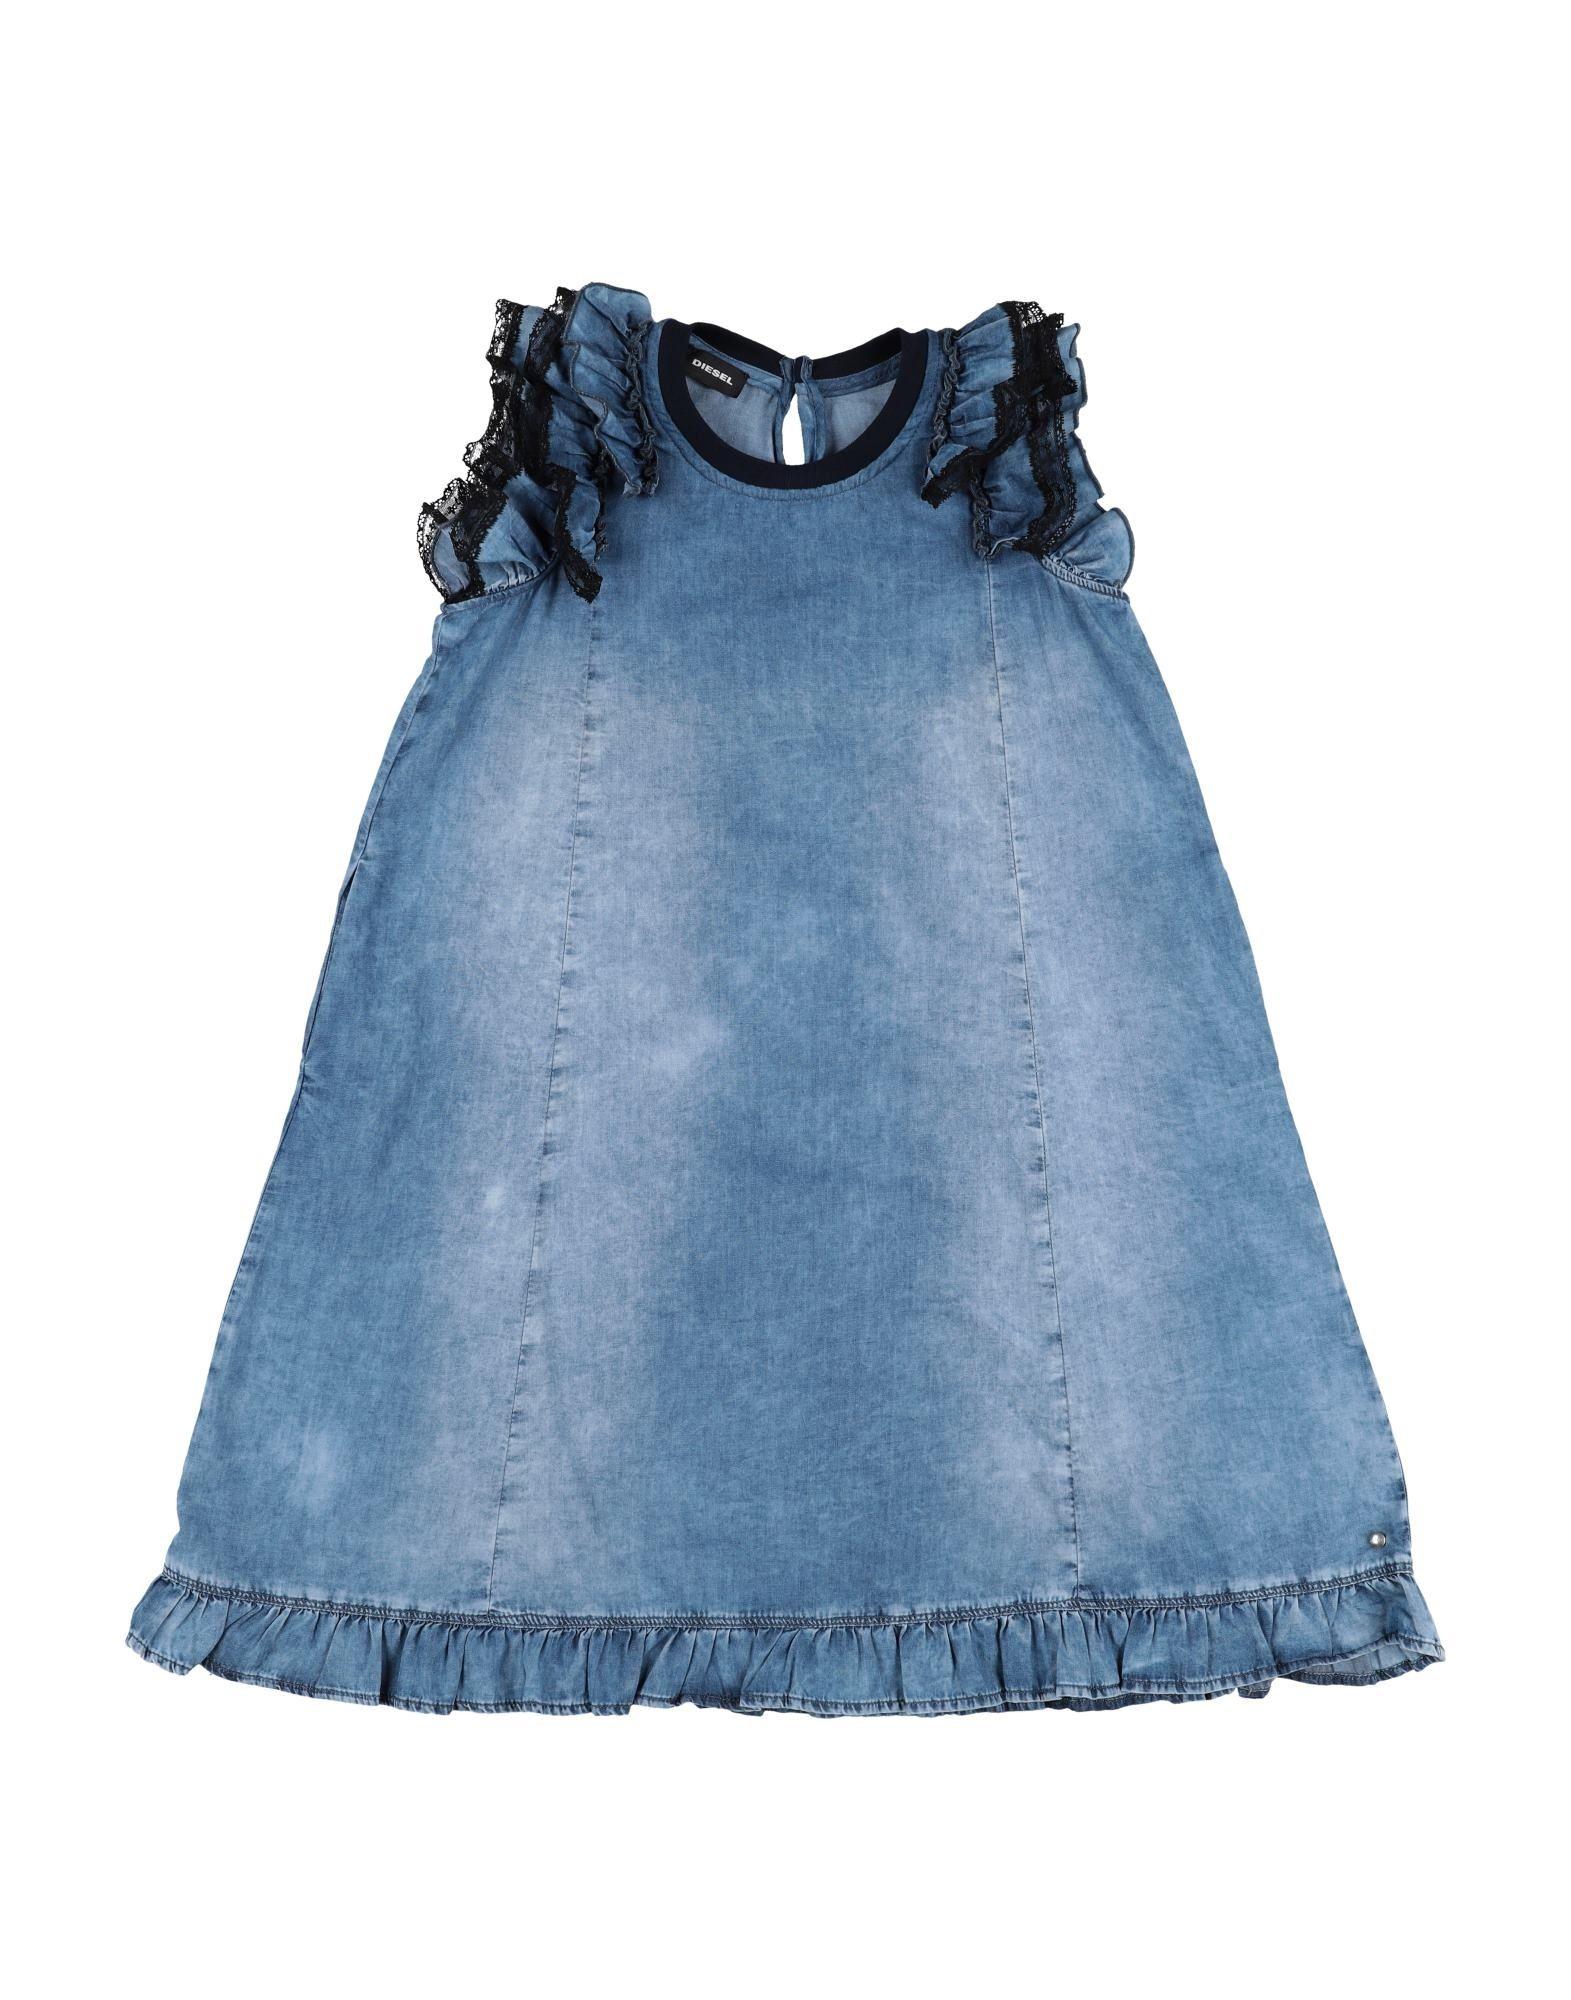 d0e5003518a6 Vestiti In Jeans bambina e ragazza 9-16 anni